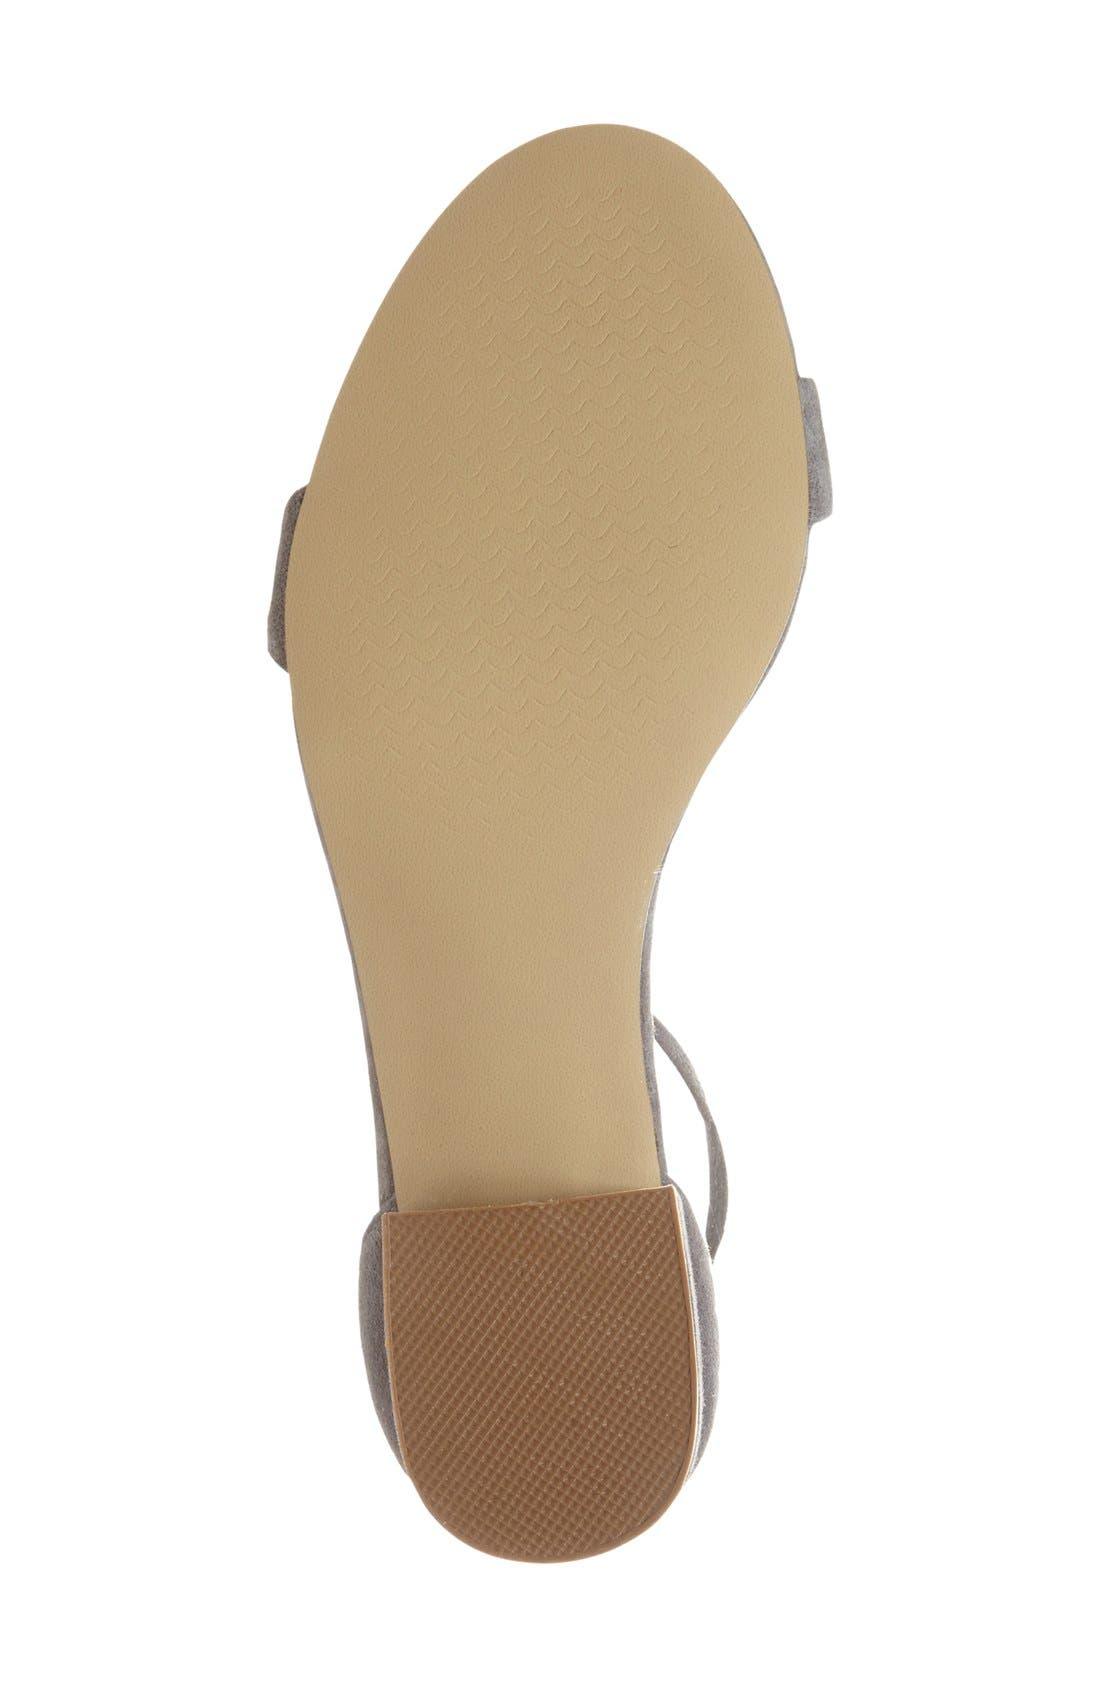 Irenee Ankle Strap Sandal,                             Alternate thumbnail 101, color,